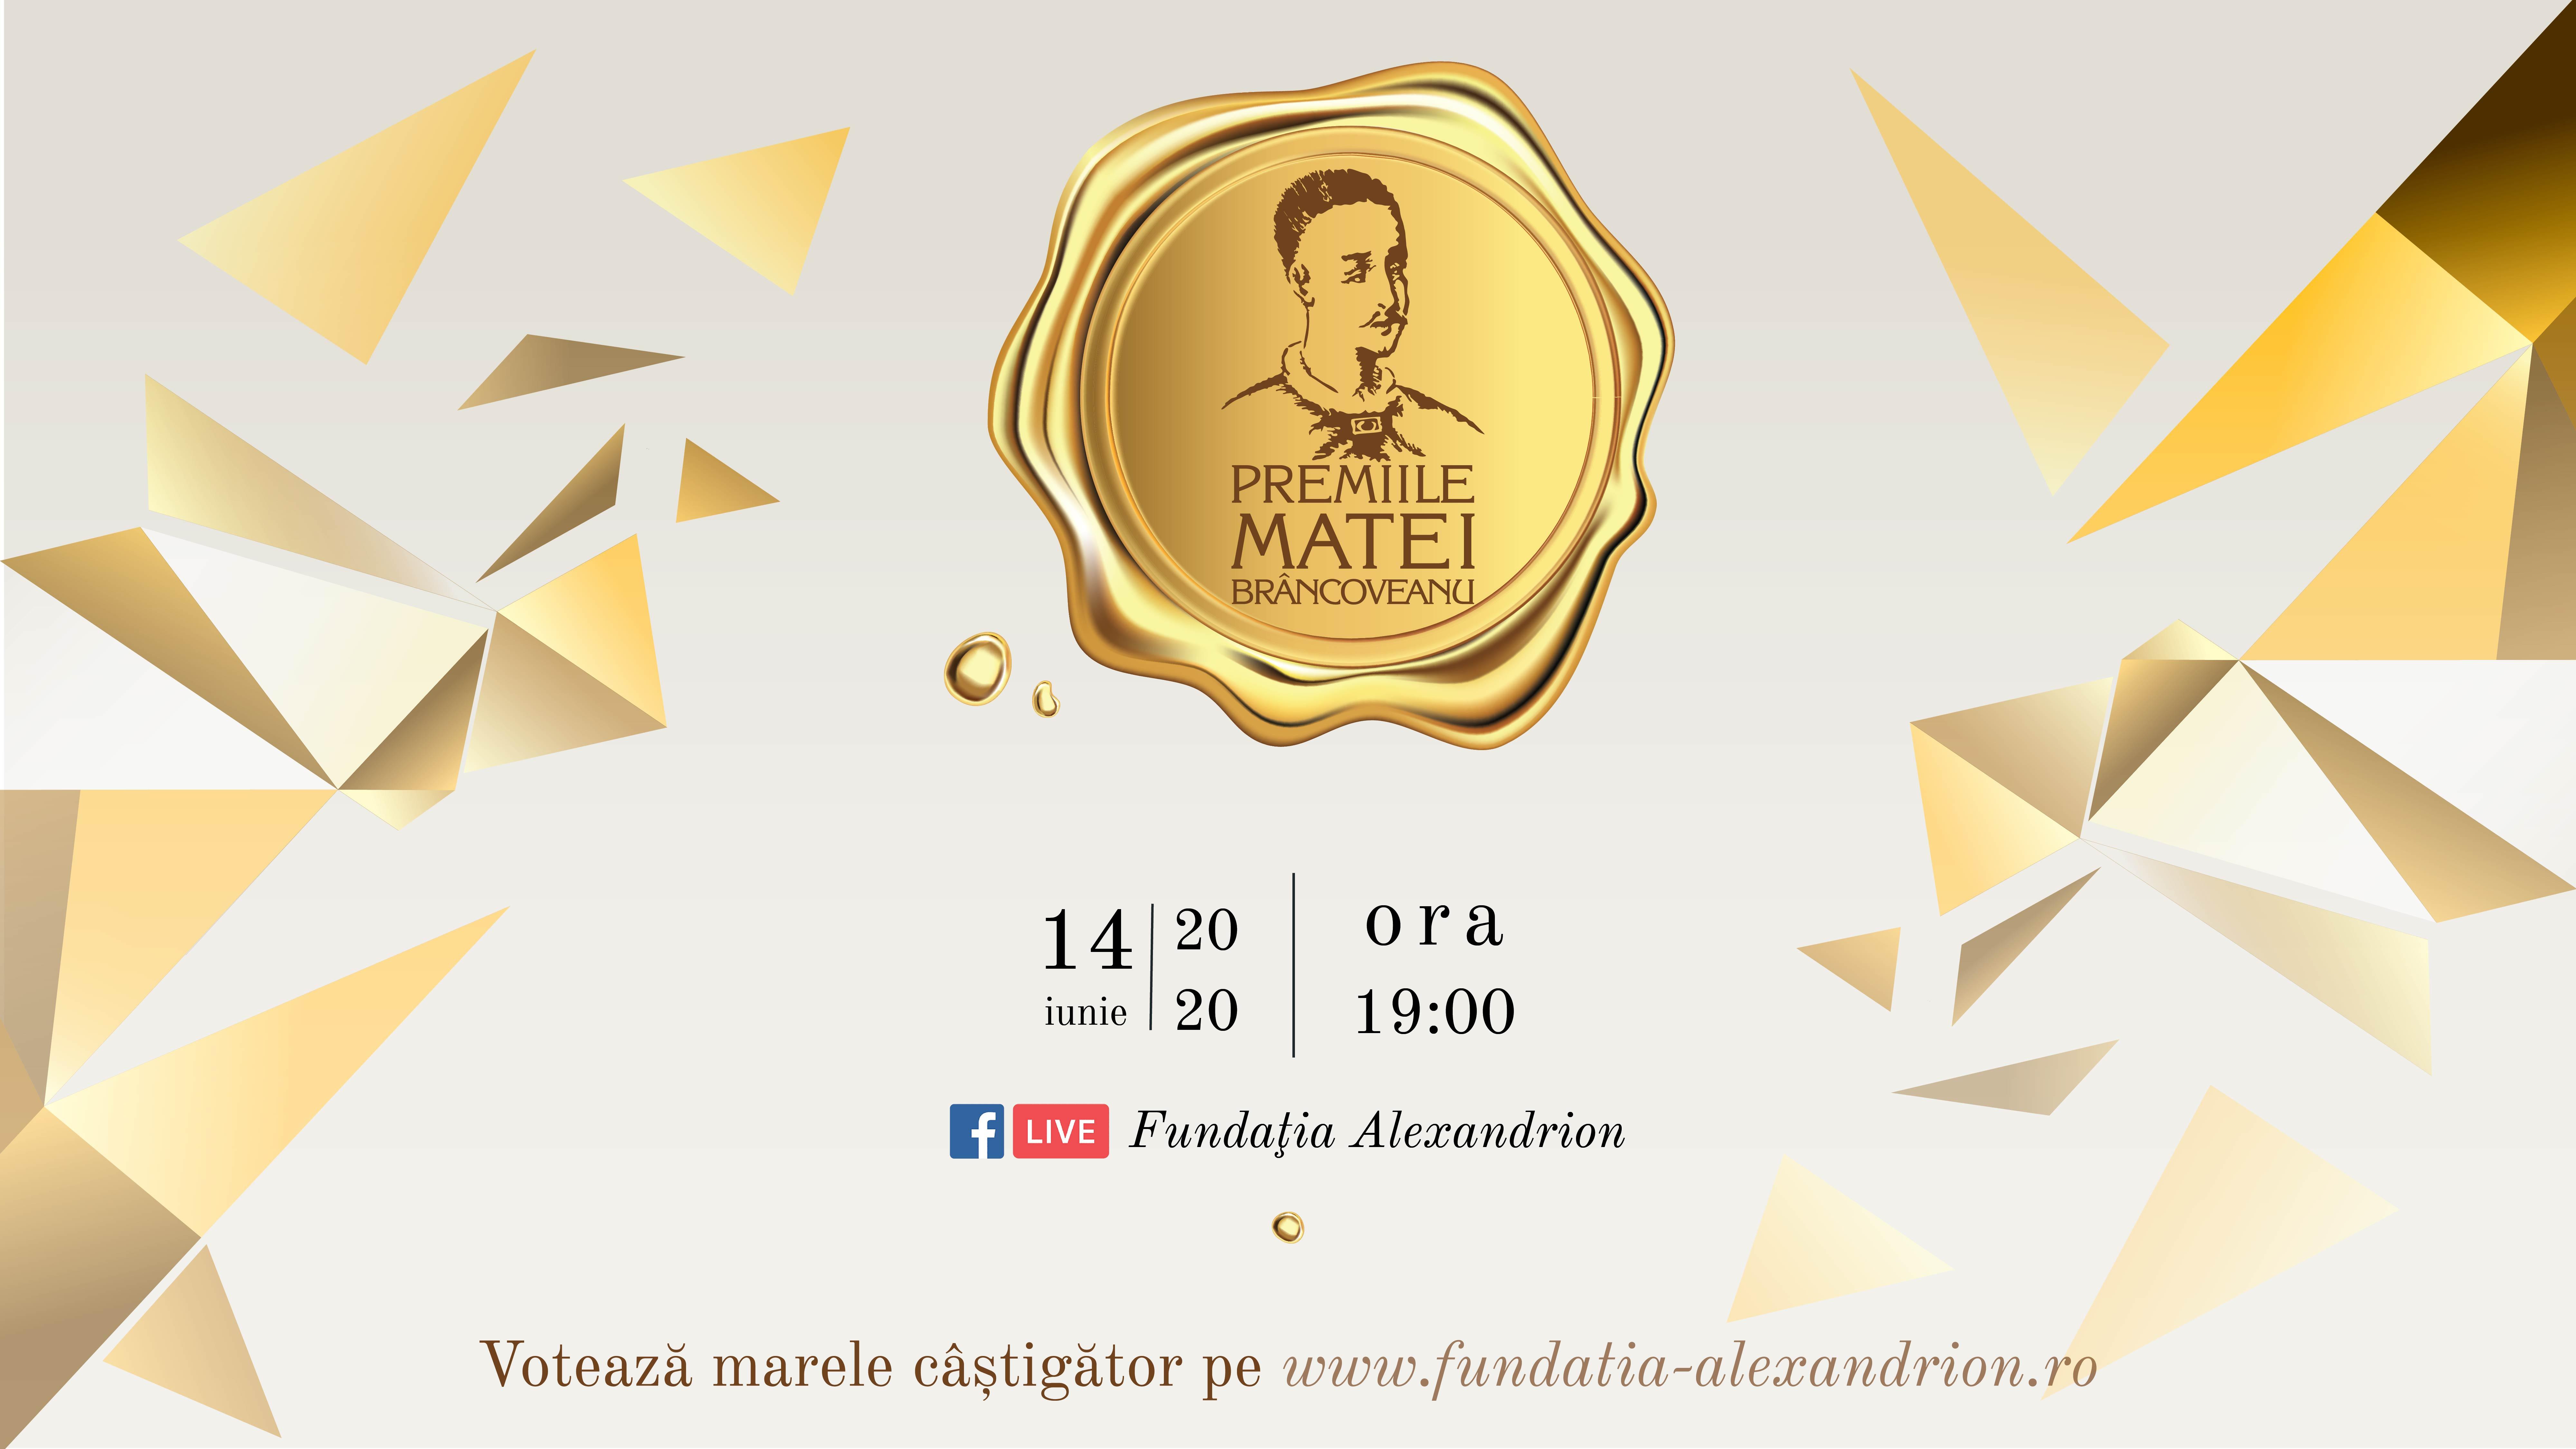 Gala Matei Brâcoveanu 2020: un format inedit, 5 premii pentru tineri remarcabili